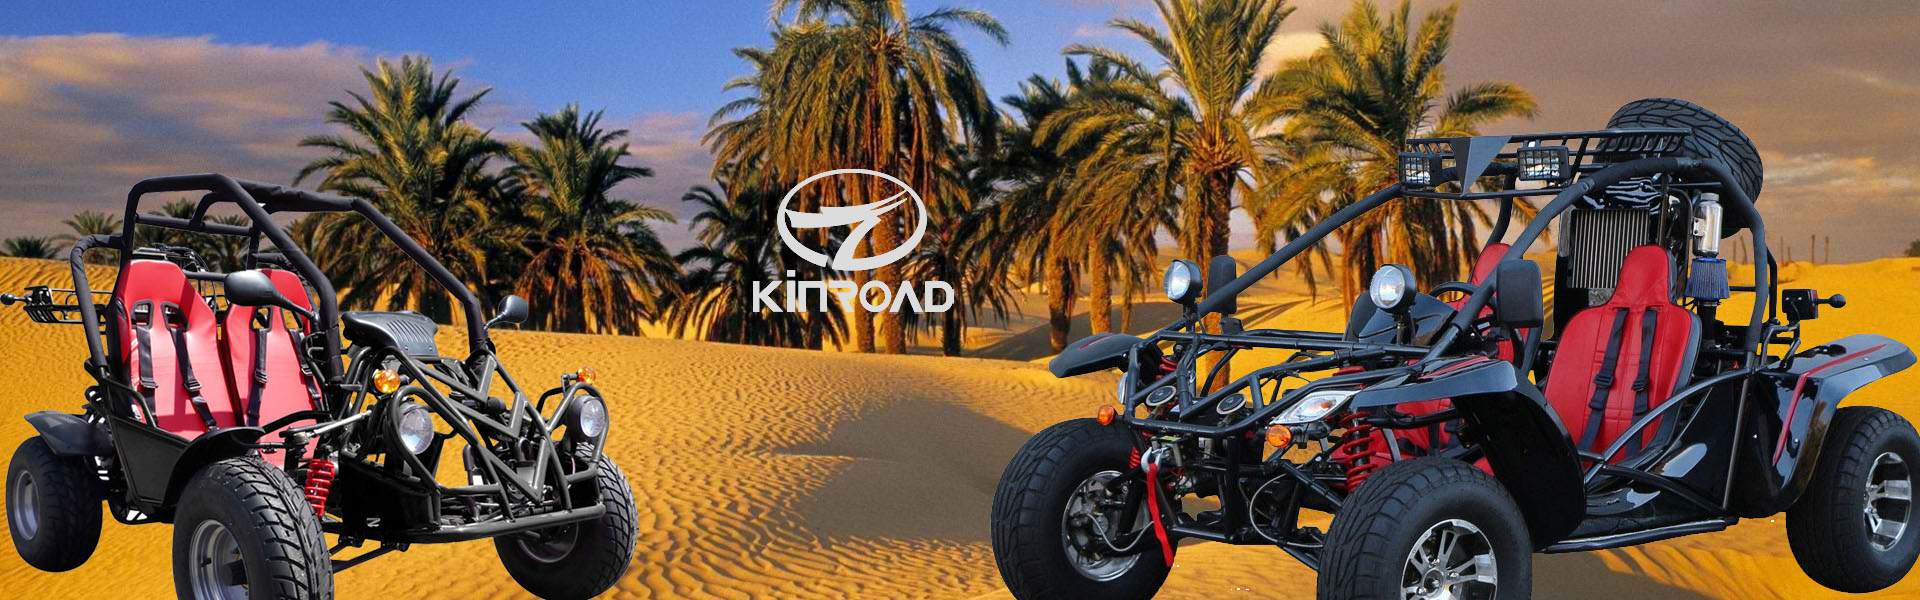 Buggy Kinroad - CAPA Diffusion